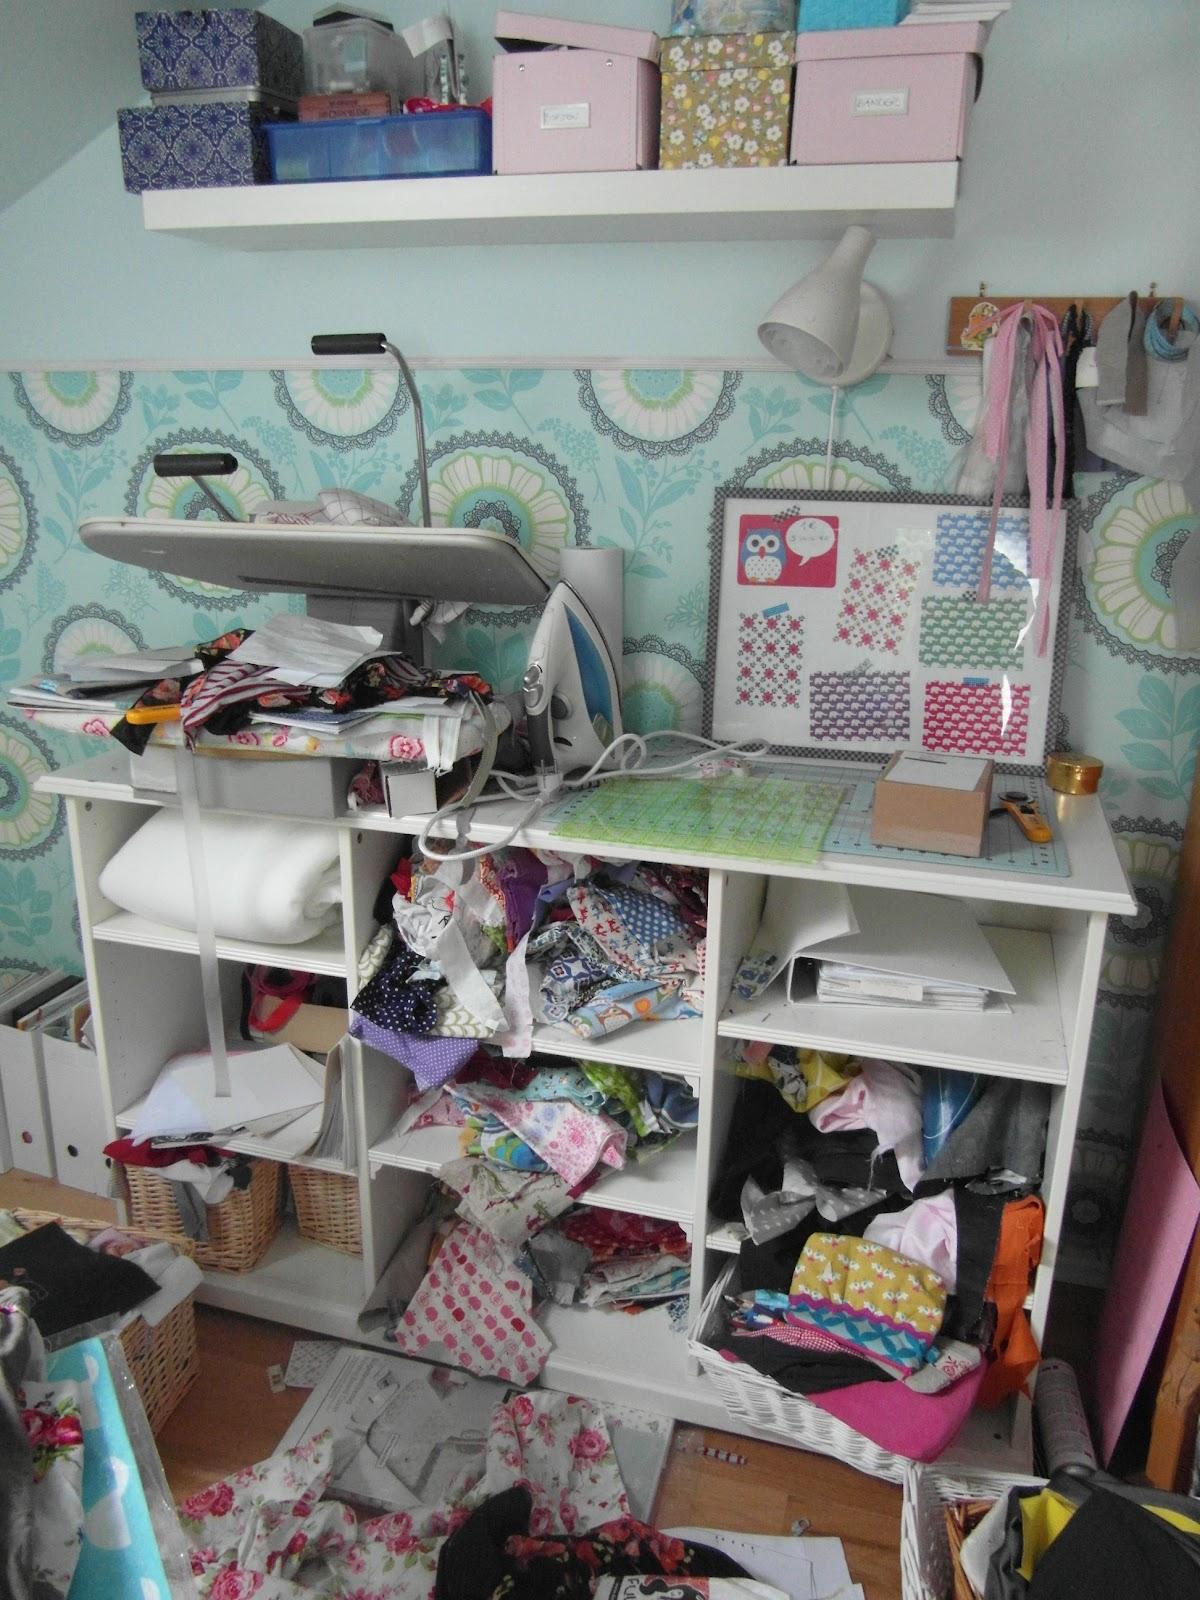 sewing addicted [*naehsucht]: Mein Nähzimmer -aufräumen oder umräumen?